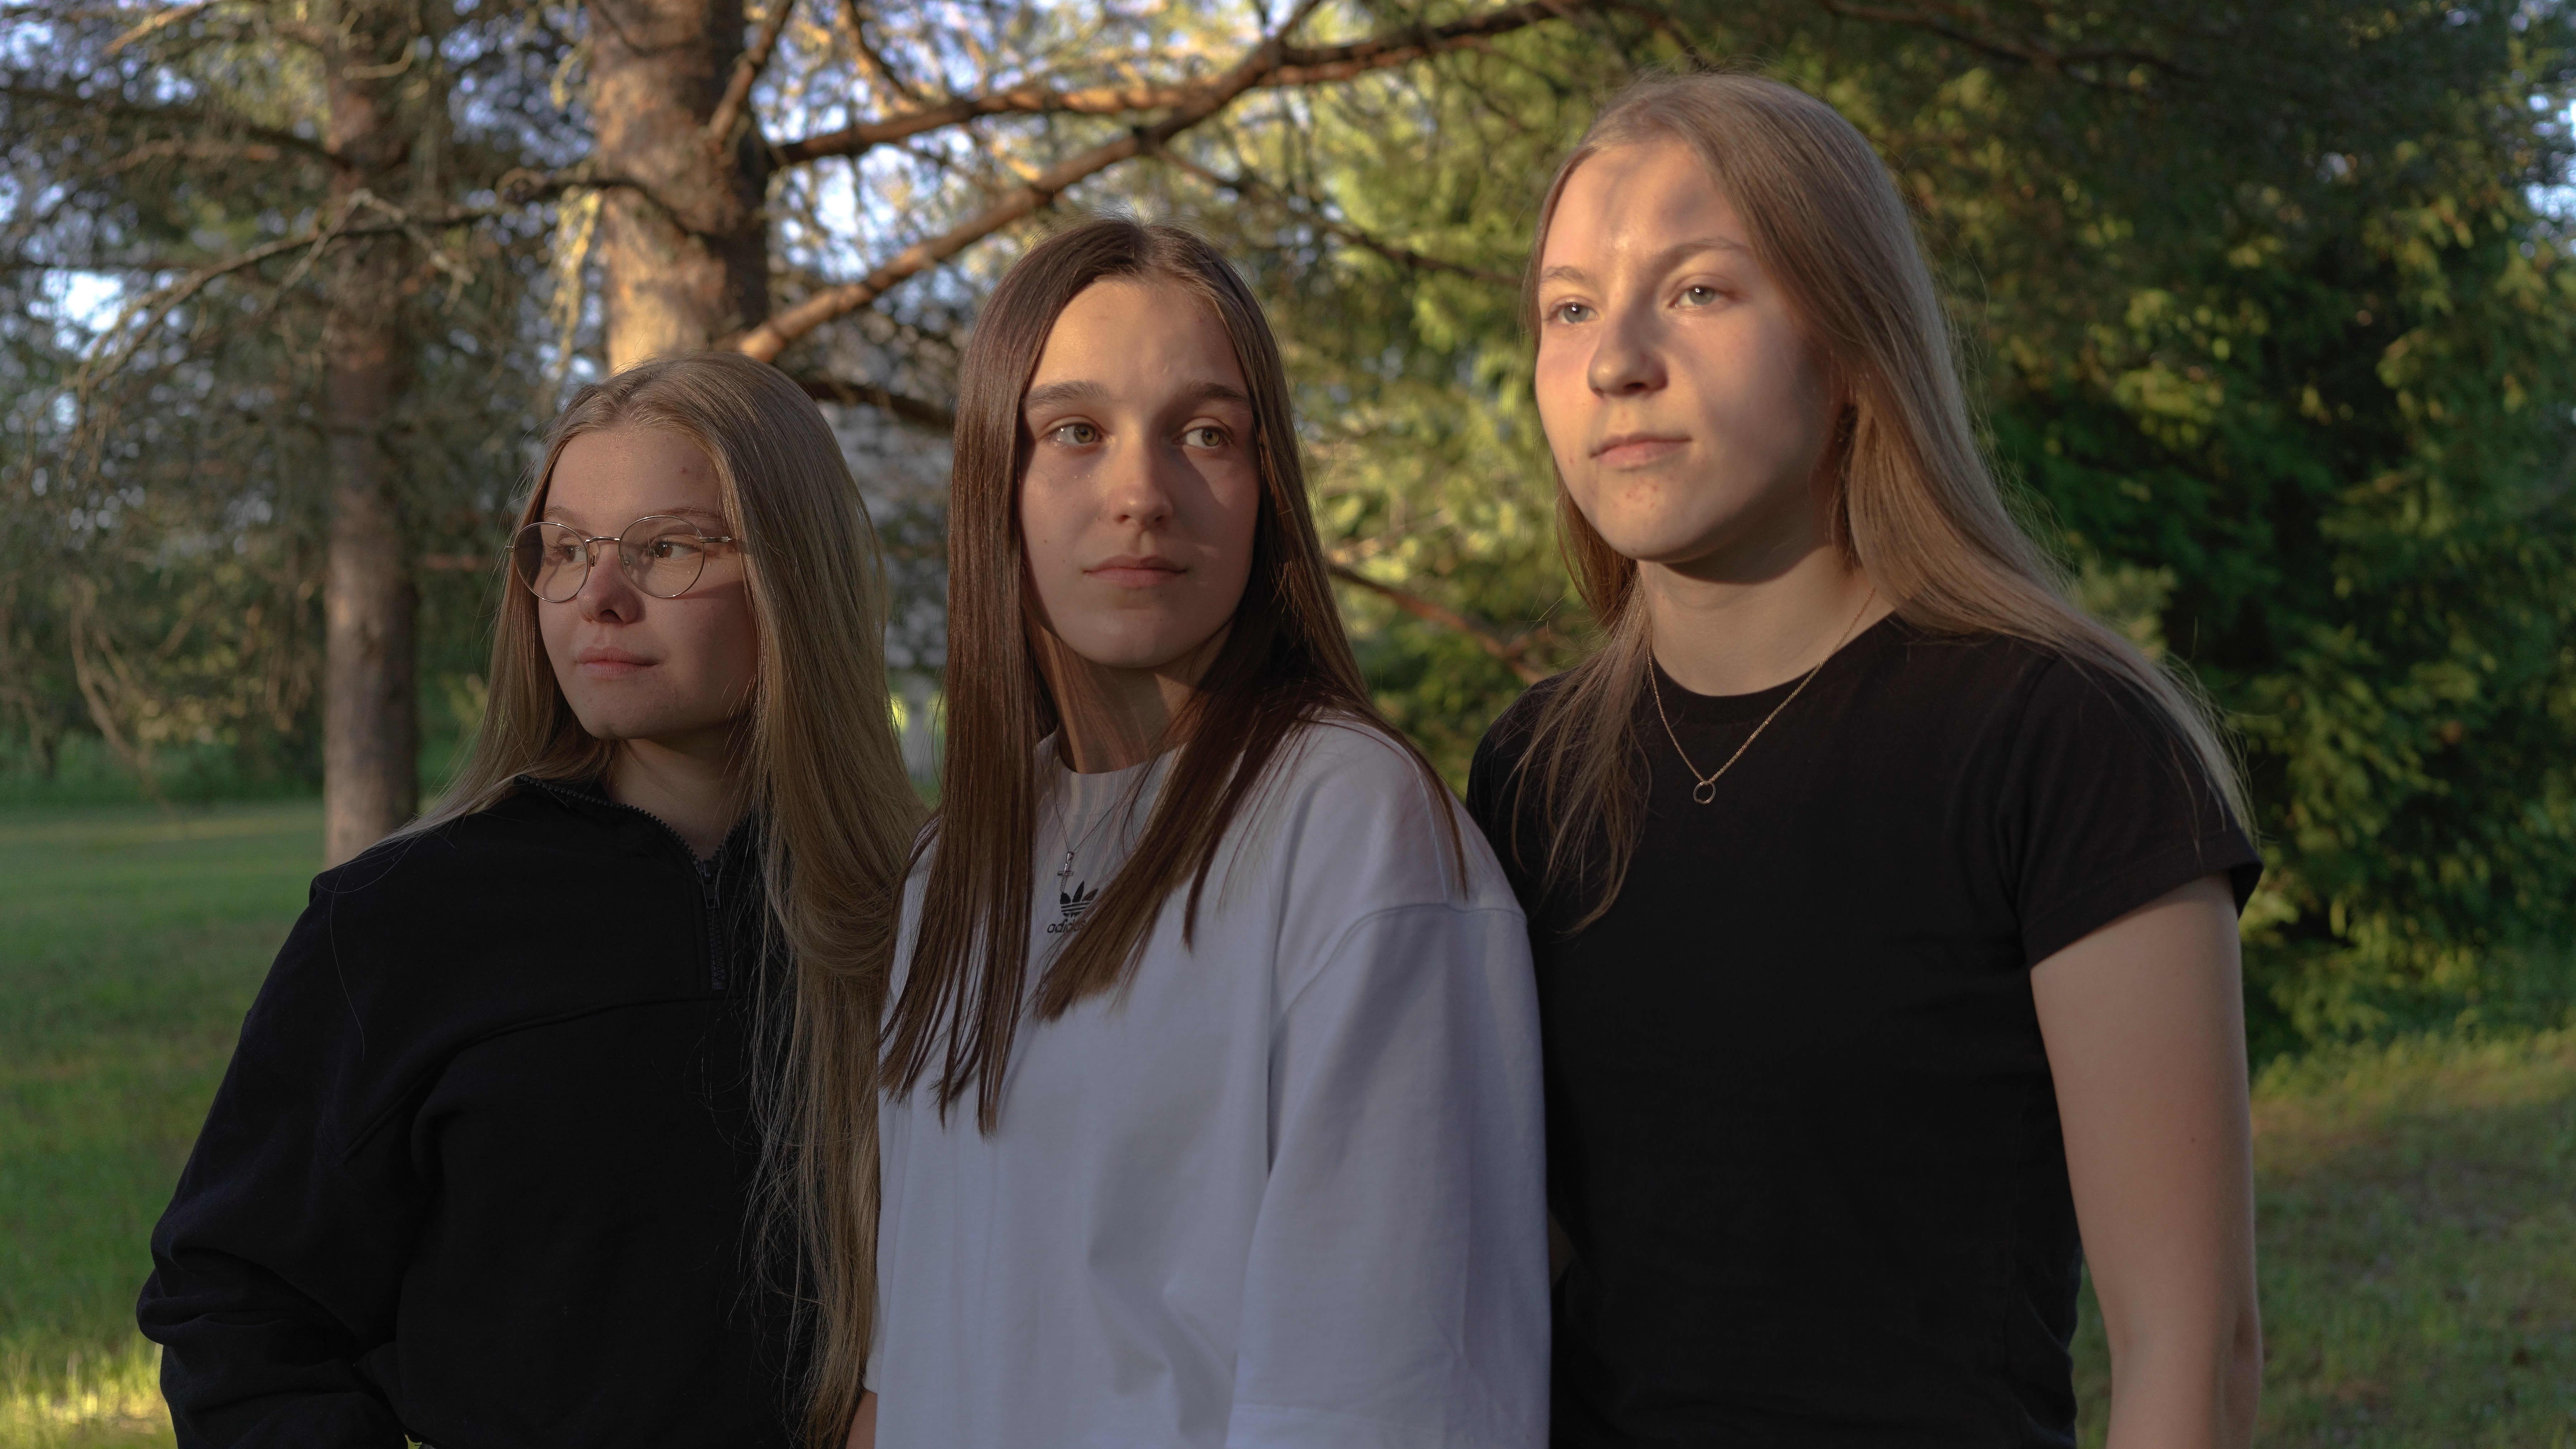 Ellen Hannula, Nella Ruonakoski, Mikaela Hiltunen nautiskelevat iltauringosta Lumijoella.